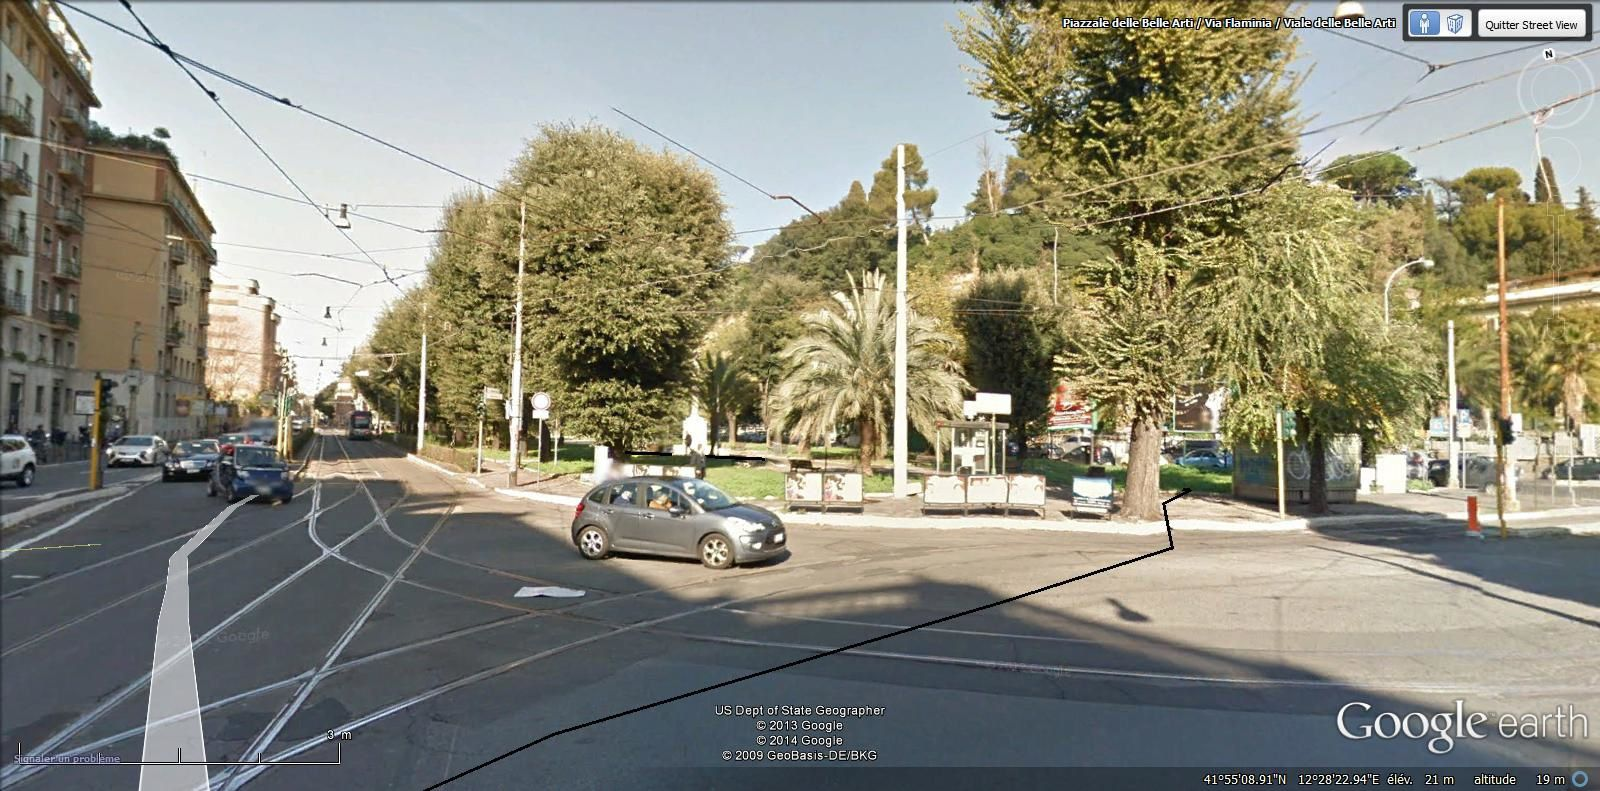 on arrive piazzale Belle Arti où se trouve le musée des pâtes